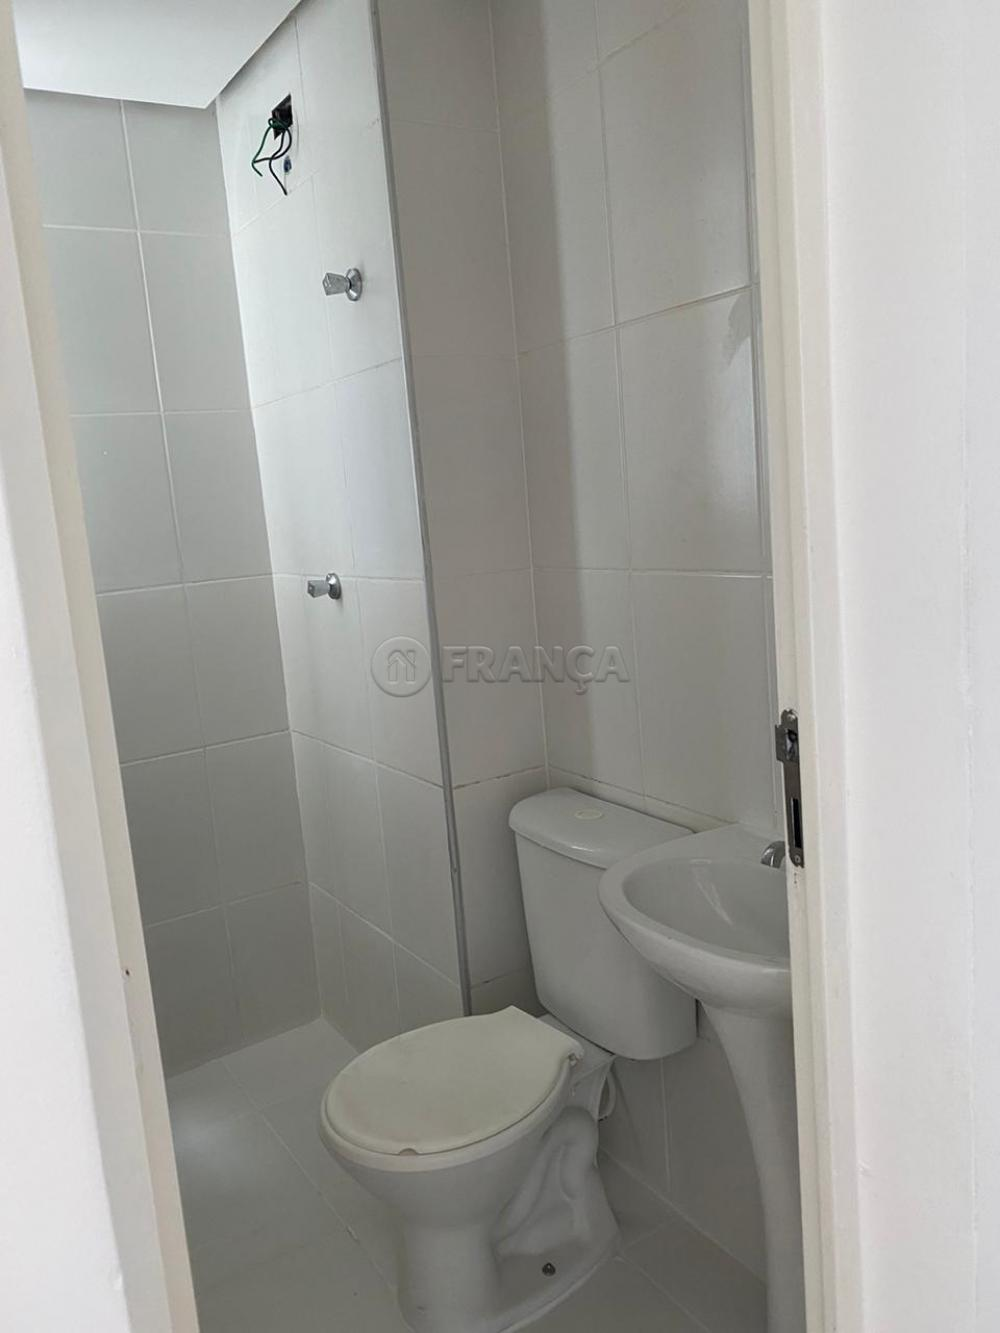 Alugar Apartamento / Padrão em São José dos Campos apenas R$ 800,00 - Foto 6